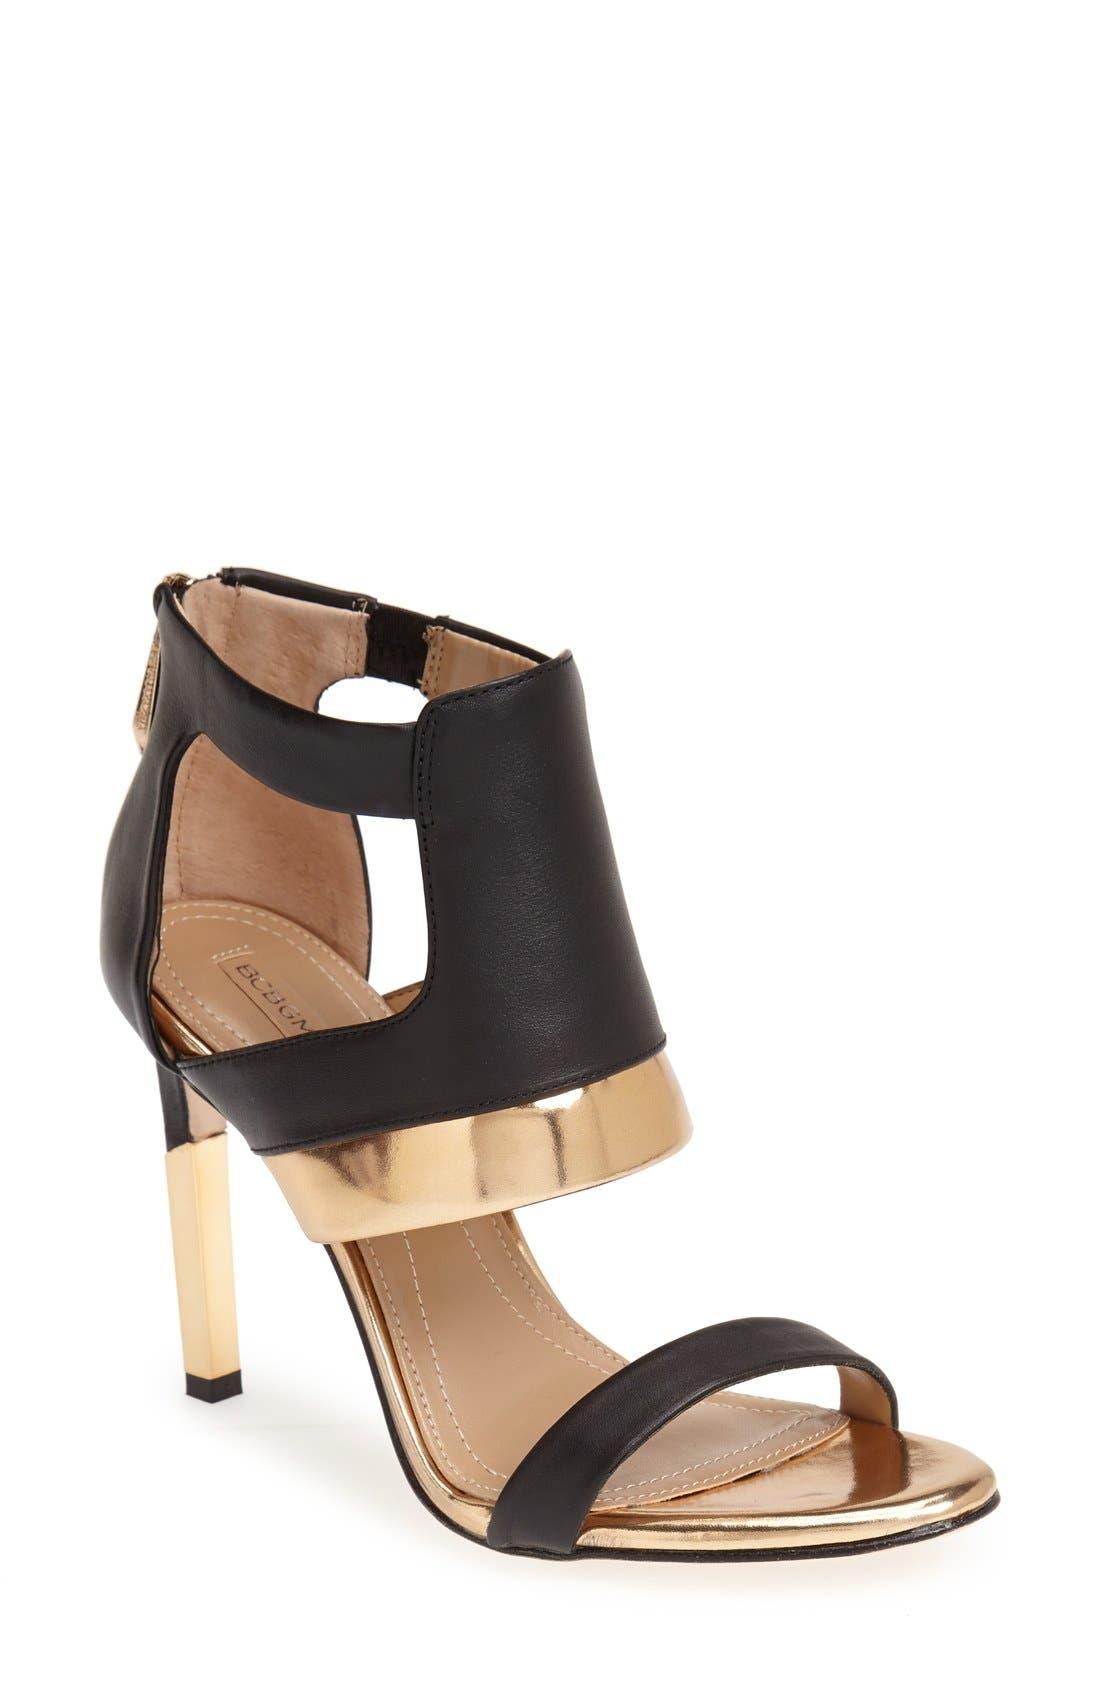 Alternate Image 1 Selected - BCBGMAXAZRIA 'Jetss' Sandal (Women)